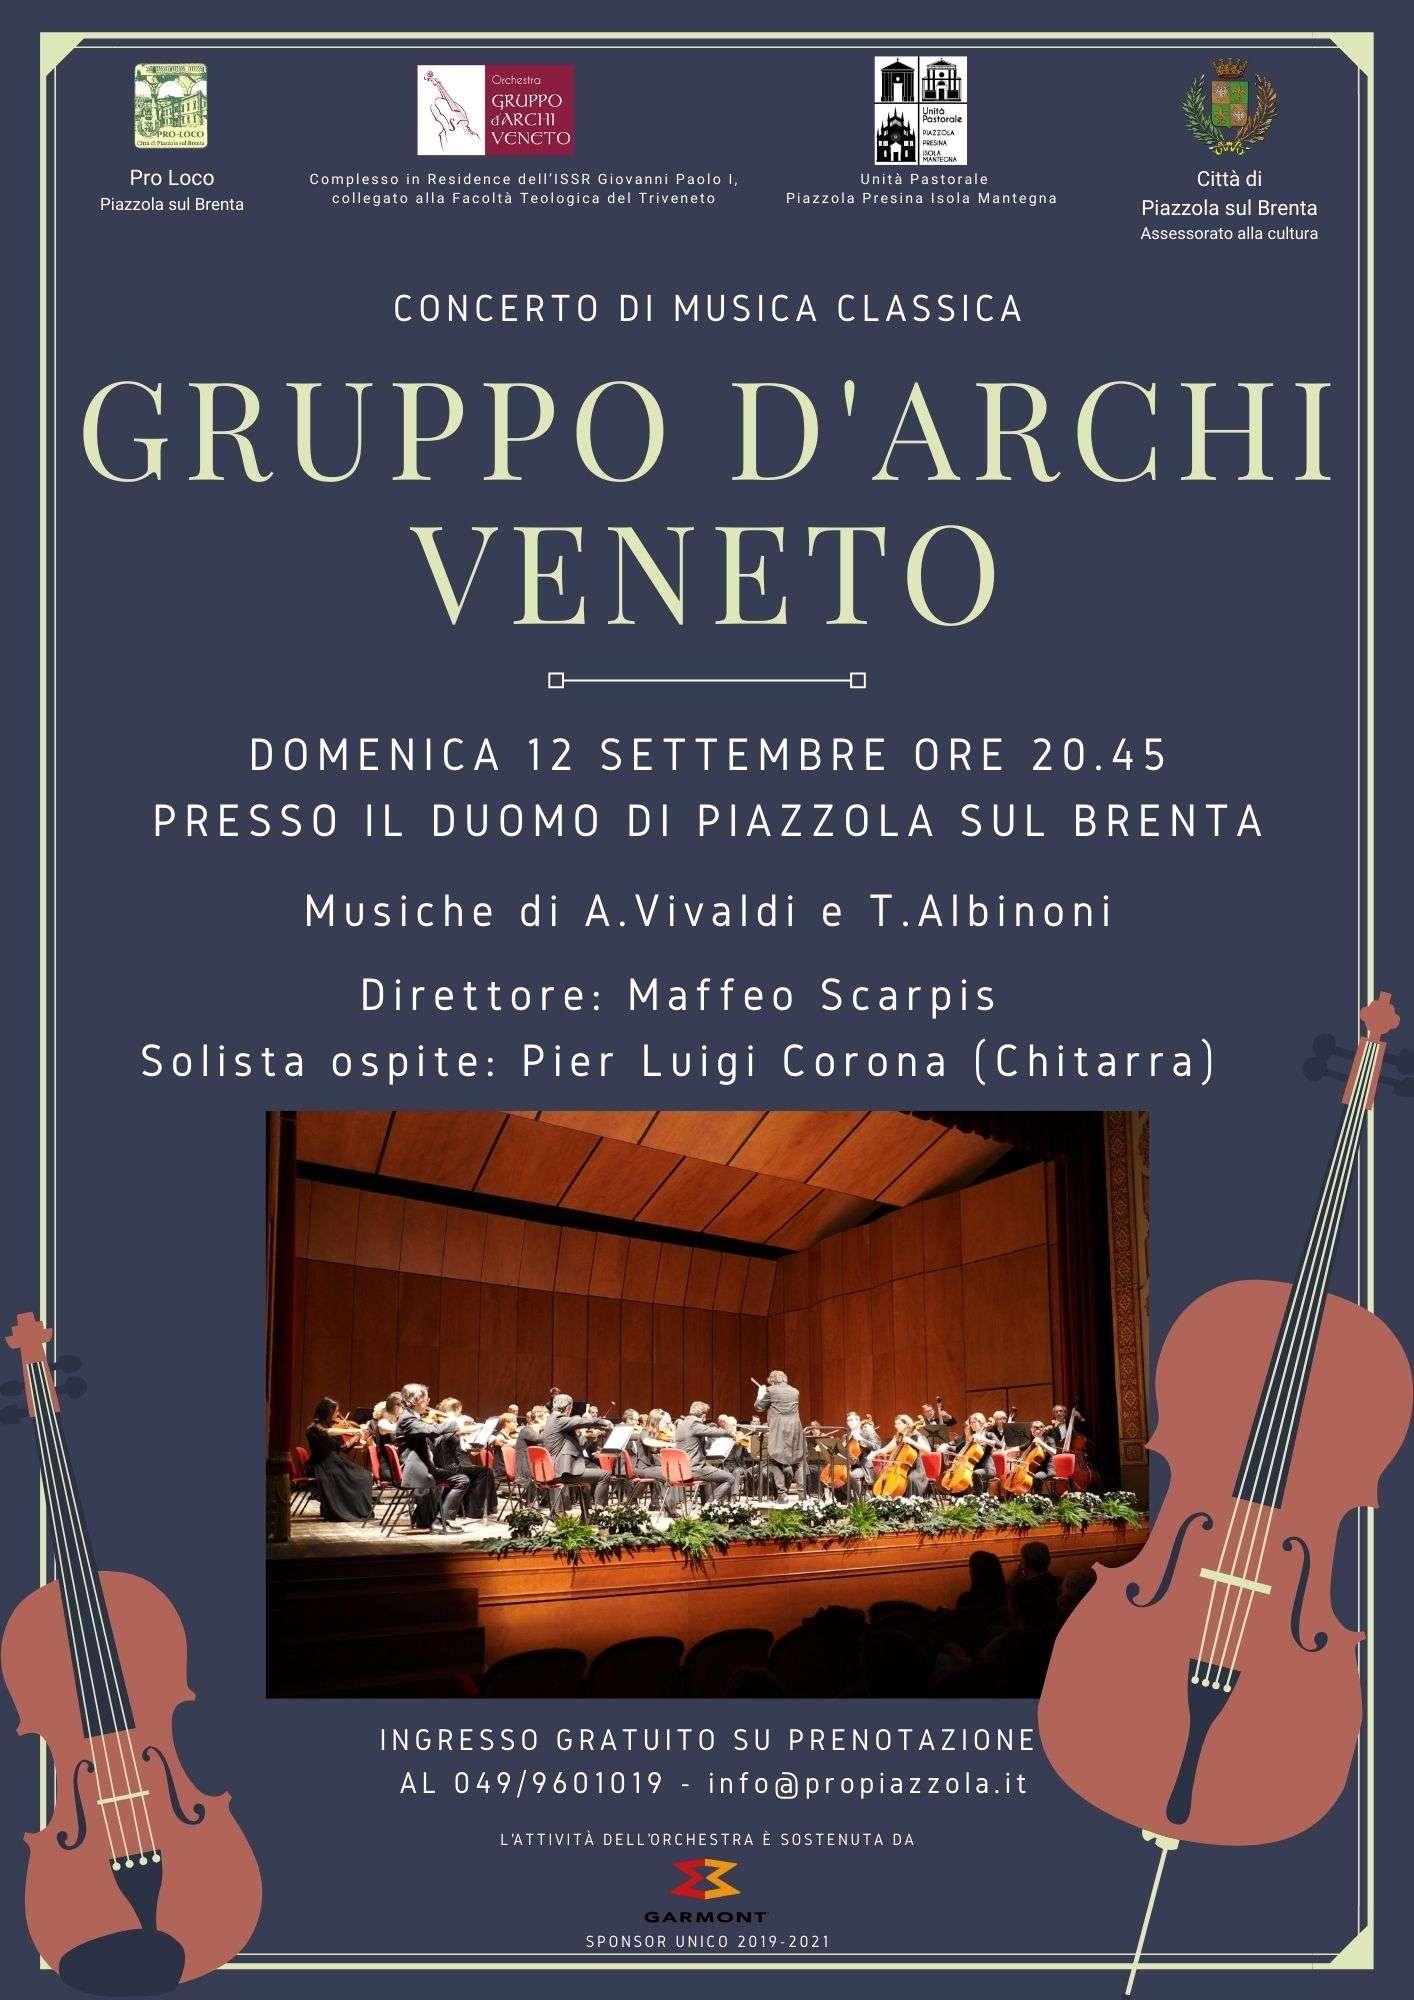 Locandina concerto di musica classica